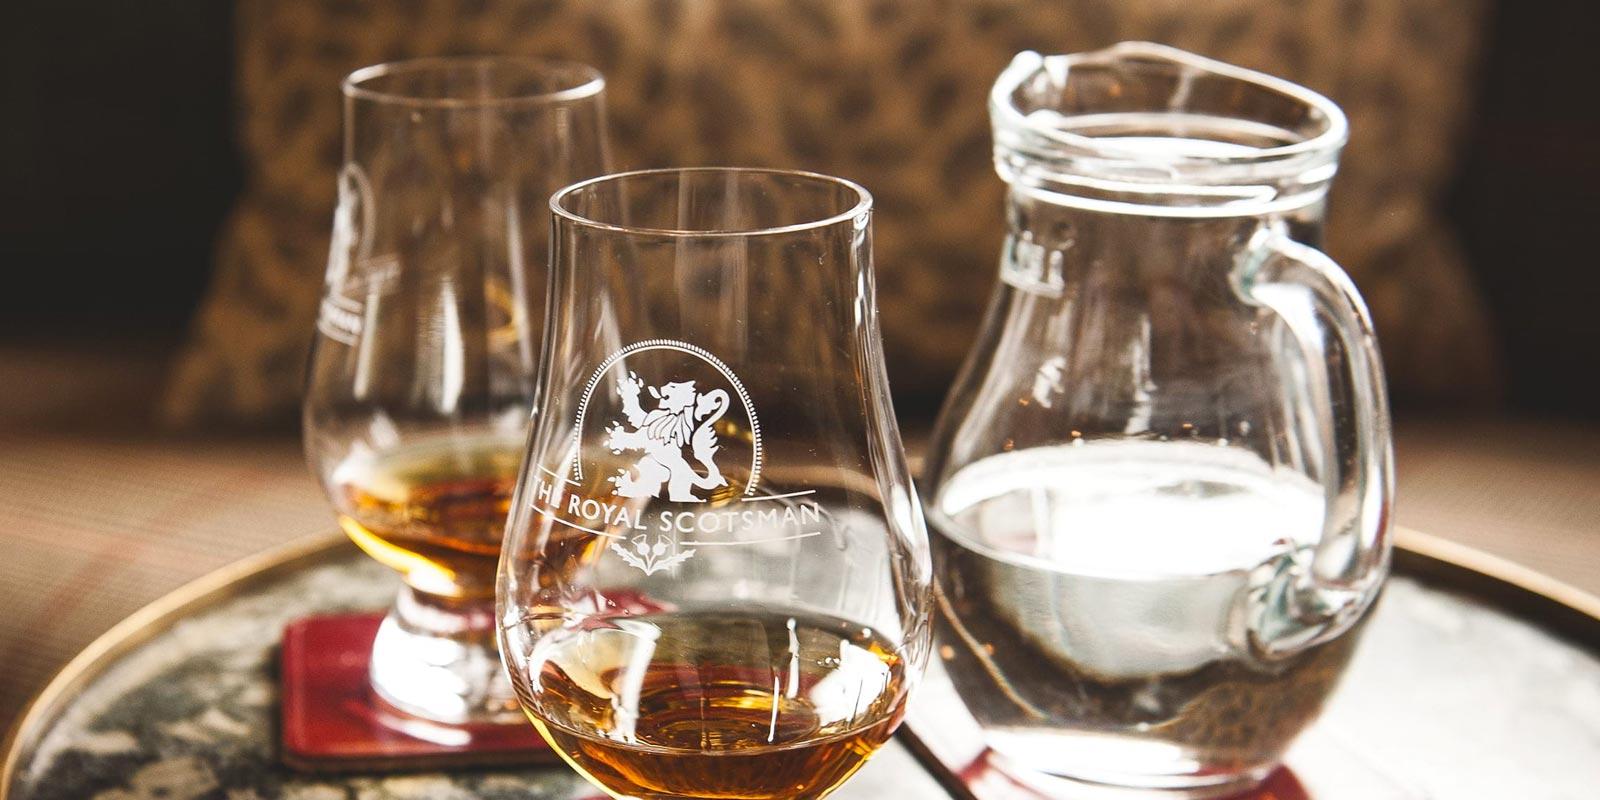 Scotch Malt Whisky Tour Luxury Train Journey